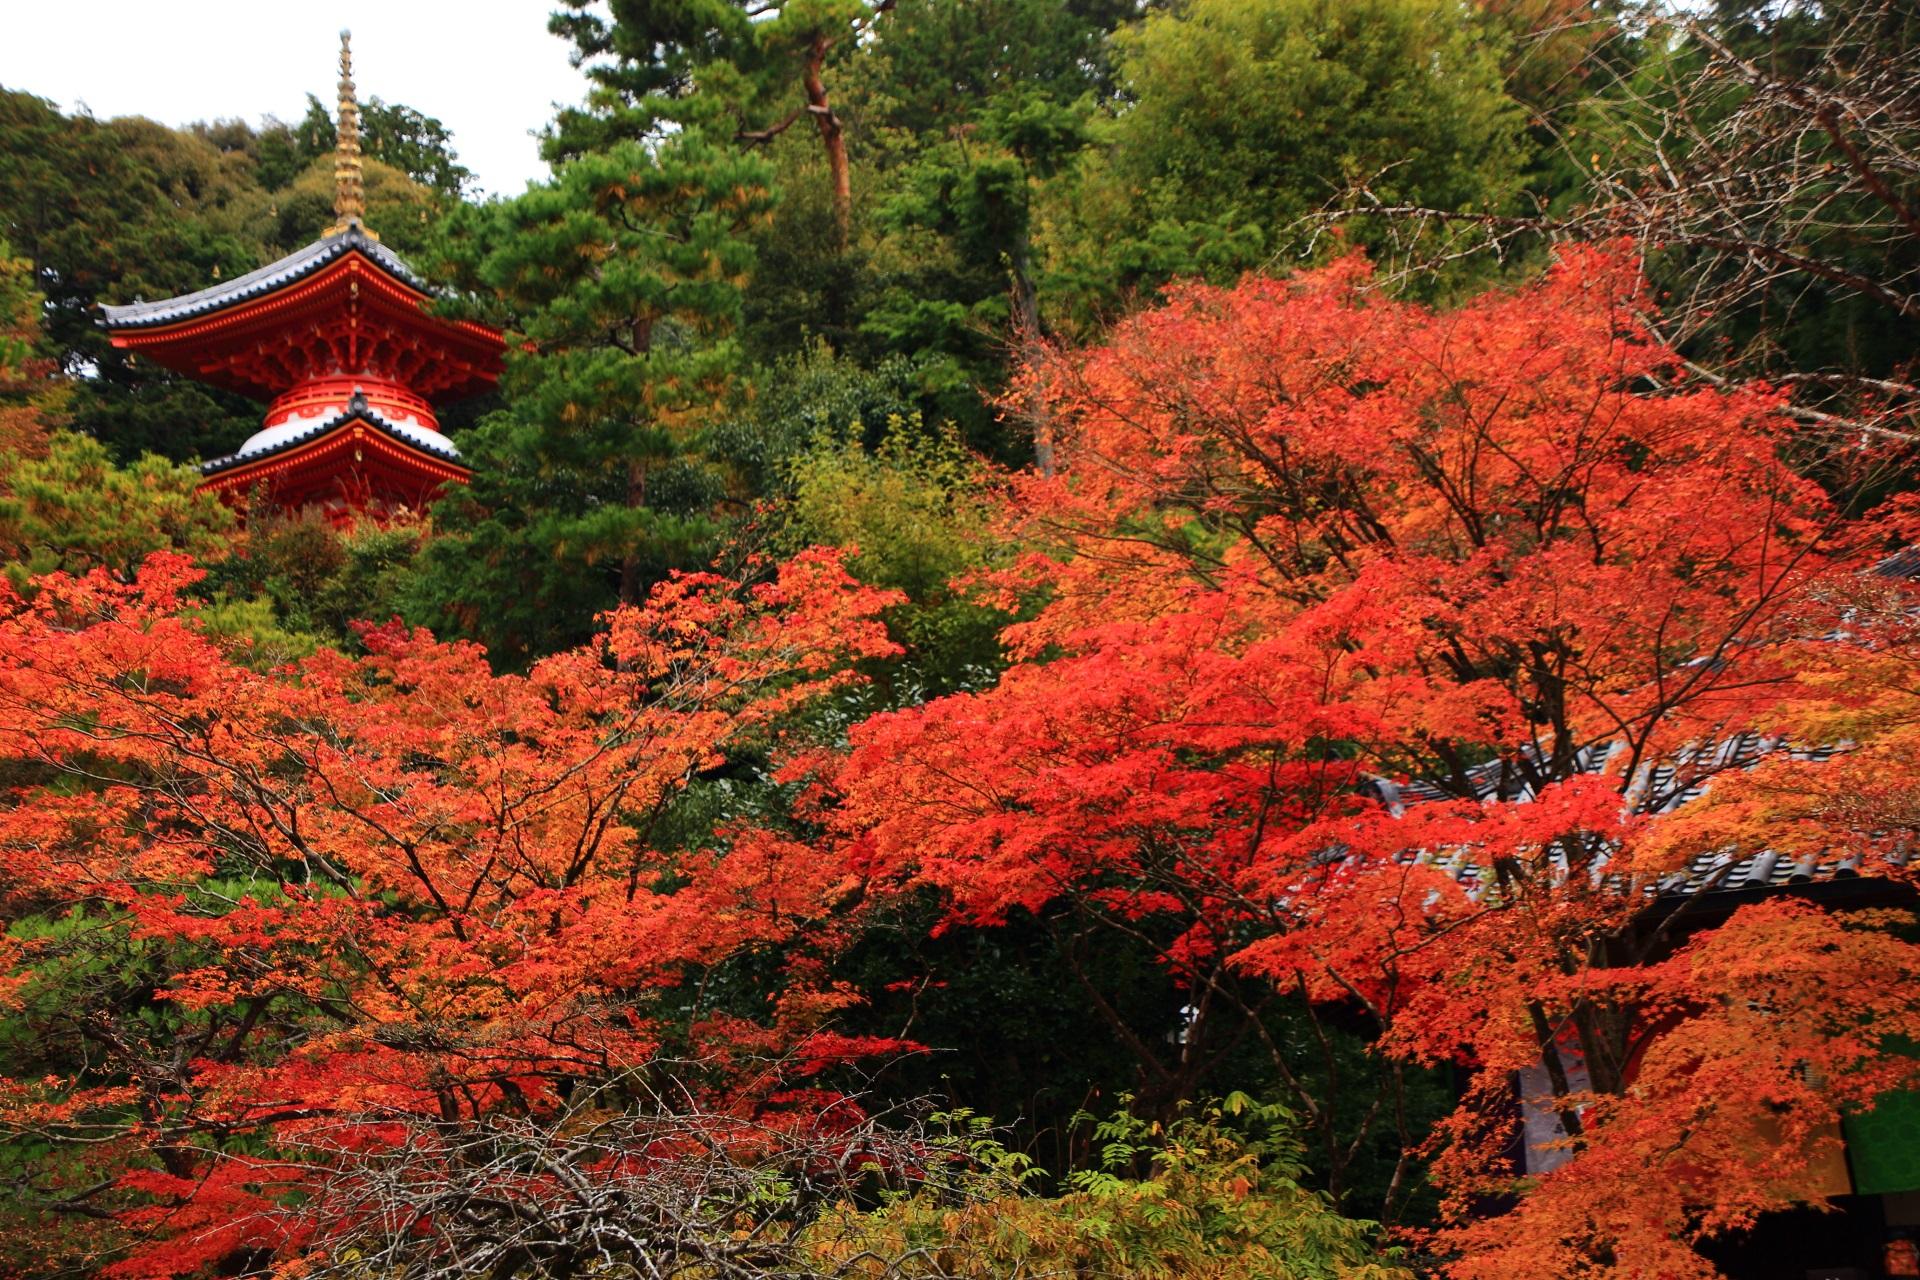 医聖堂とも呼ばれる多宝塔の鮮やかな紅葉